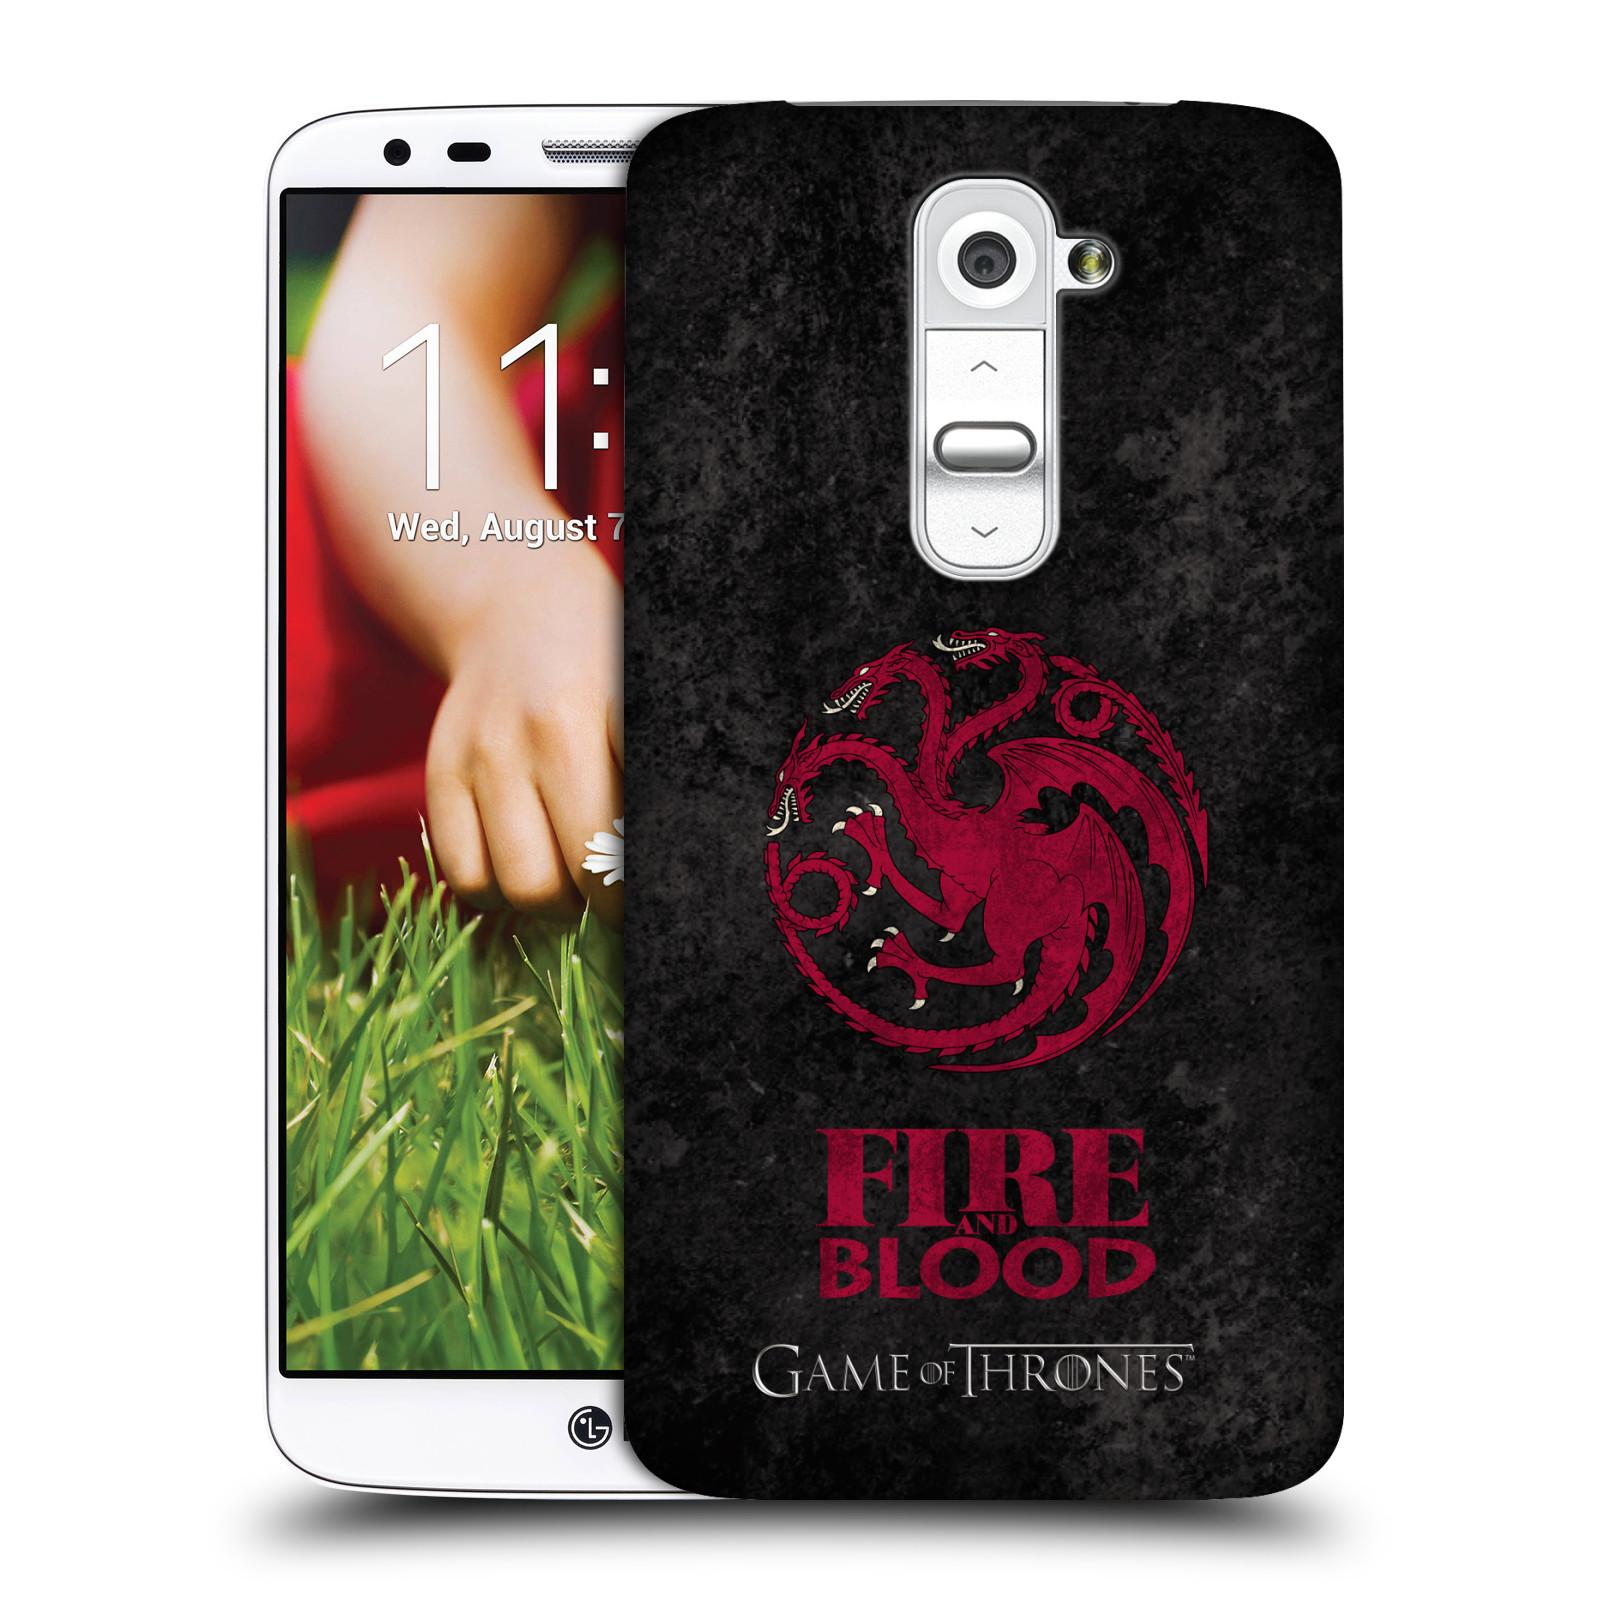 Plastové pouzdro na mobil LG G2 HEAD CASE Hra o trůny - Sigils Targaryen - Fire and Blood (Plastový kryt či obal na mobilní telefon s licencovaným motivem Hra o trůny - Game Of Thrones pro LG G2)